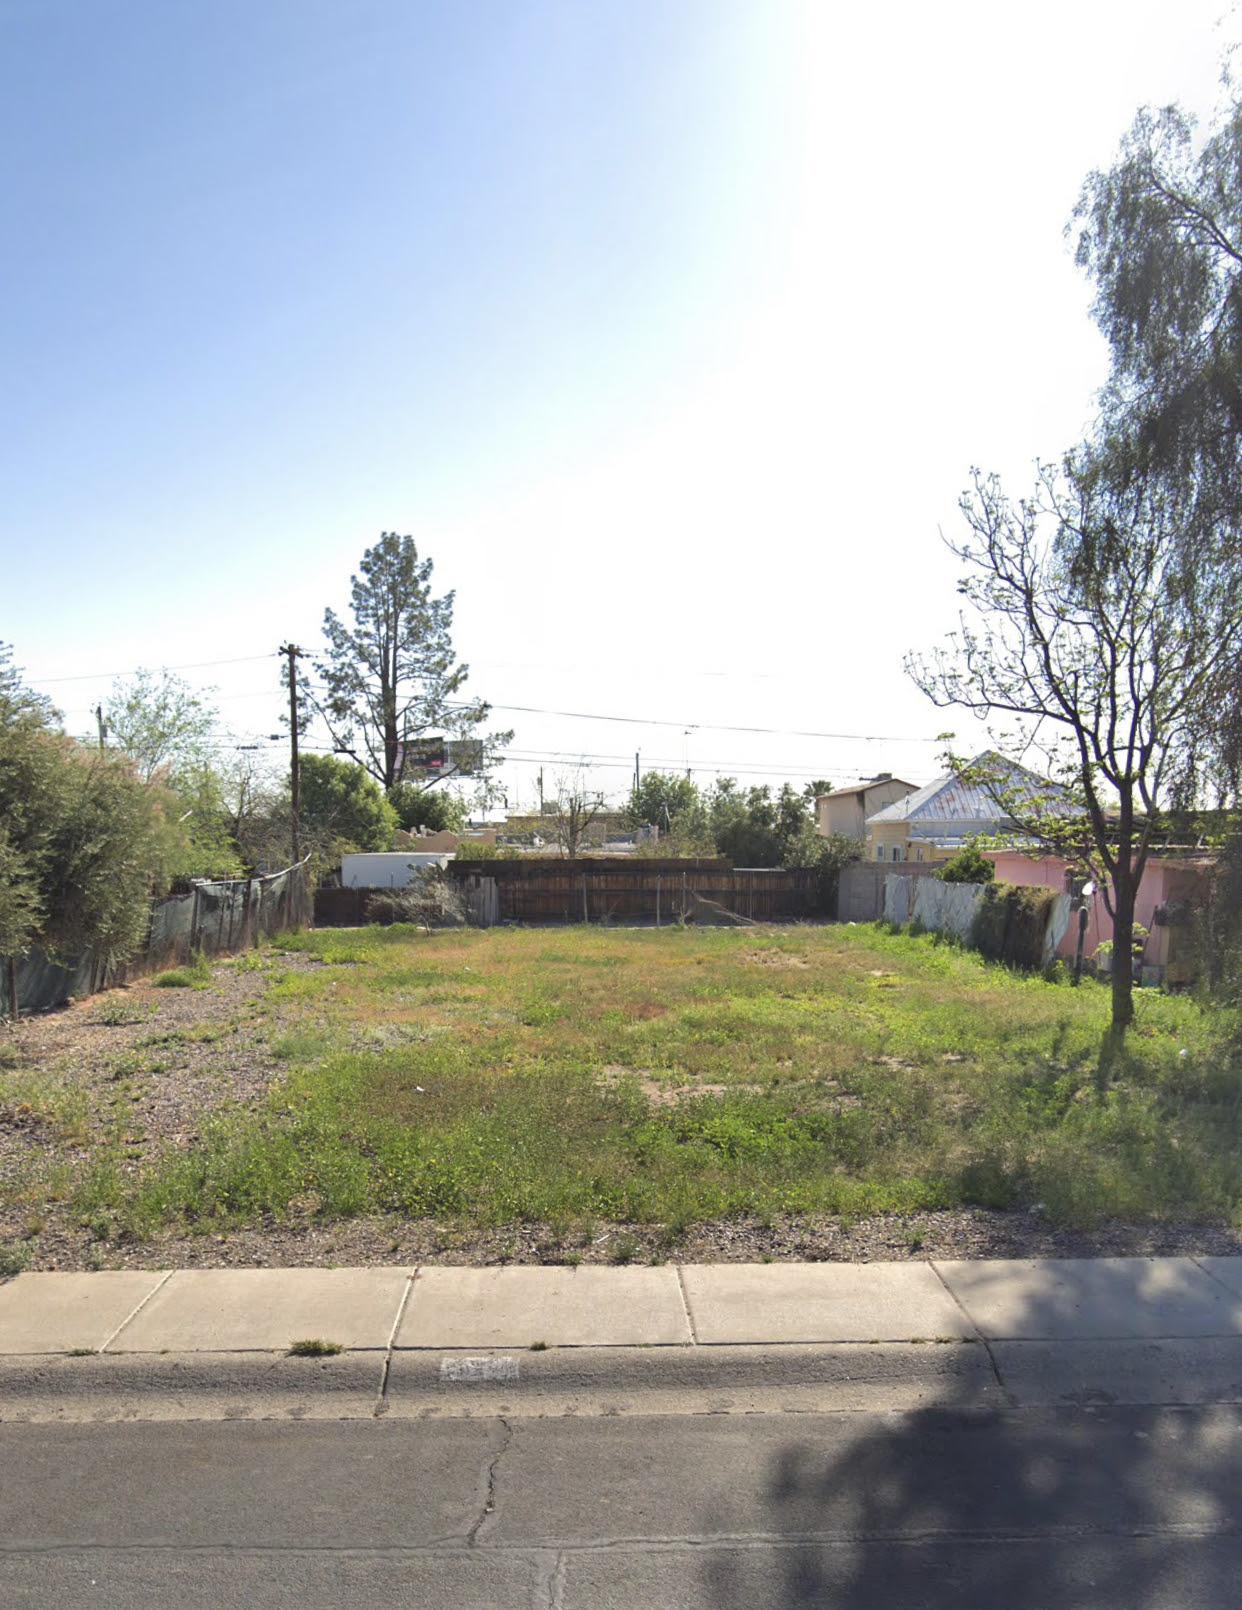 14513 N Alto St El Mirage, AZ 85335 vacant lot wholesale listing